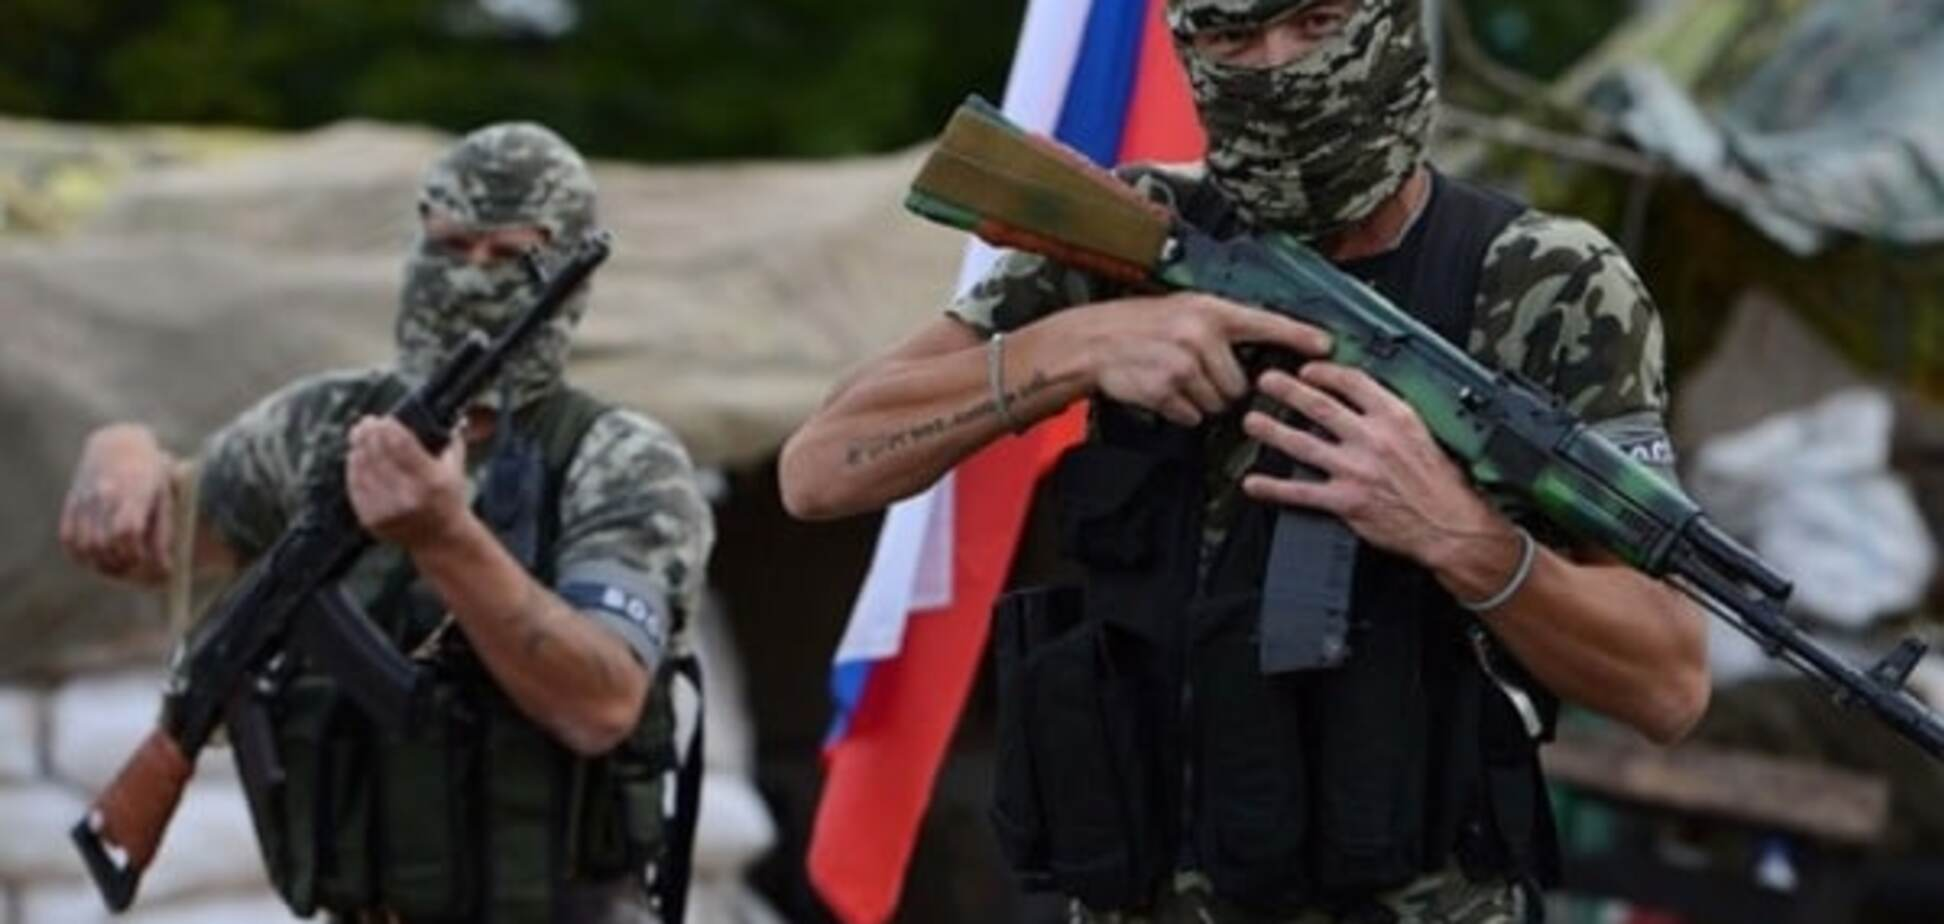 Моральний настрій нижче нуля: волонтер розповів про втрати терористів на Донбасі